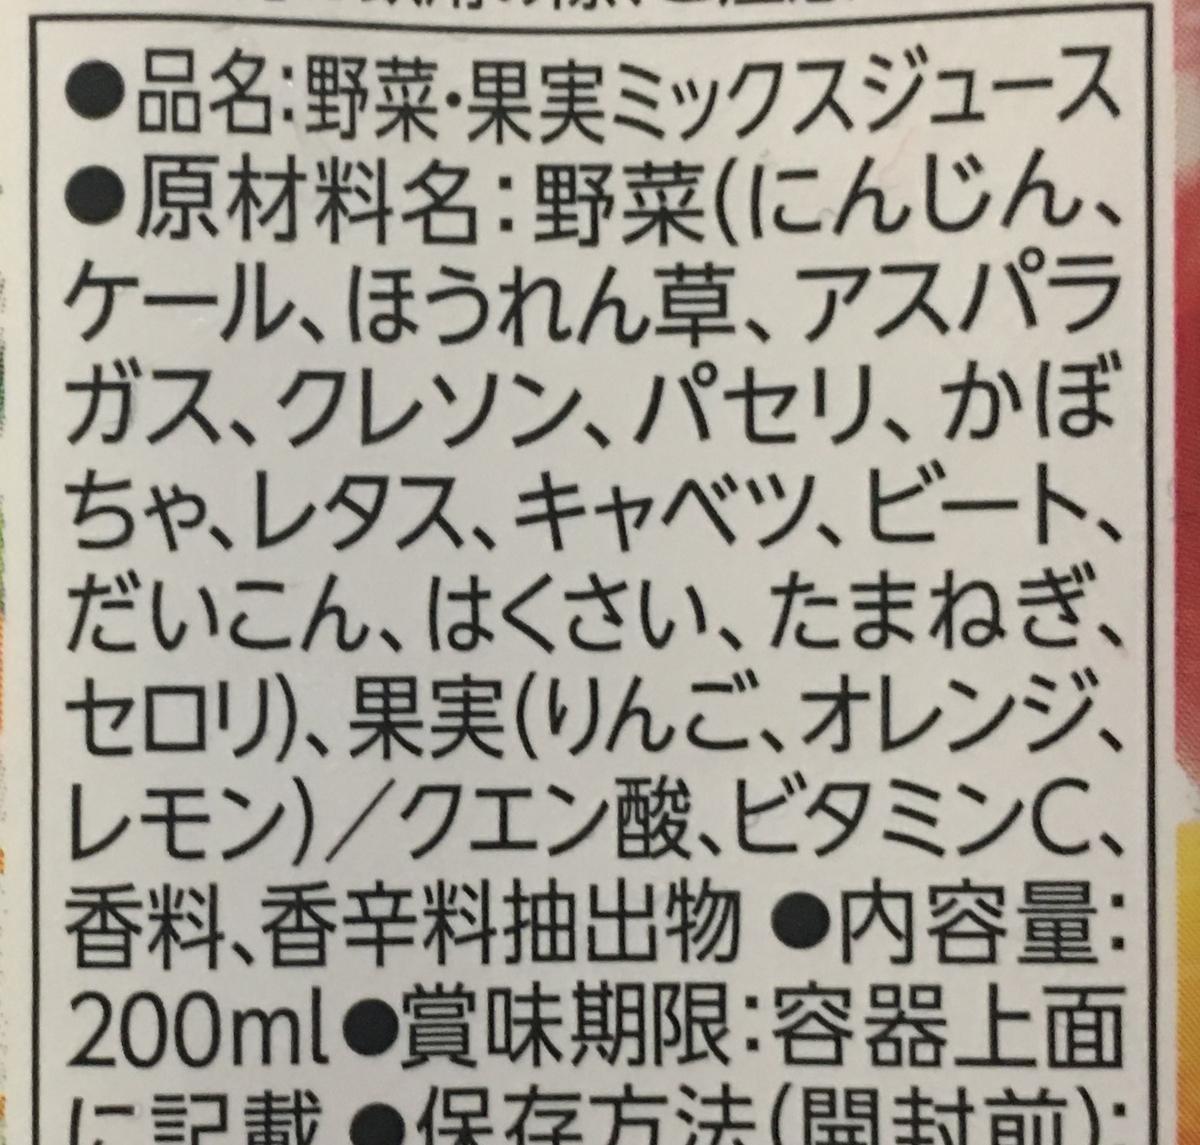 f:id:YOSHIO1010:20200622023315j:plain